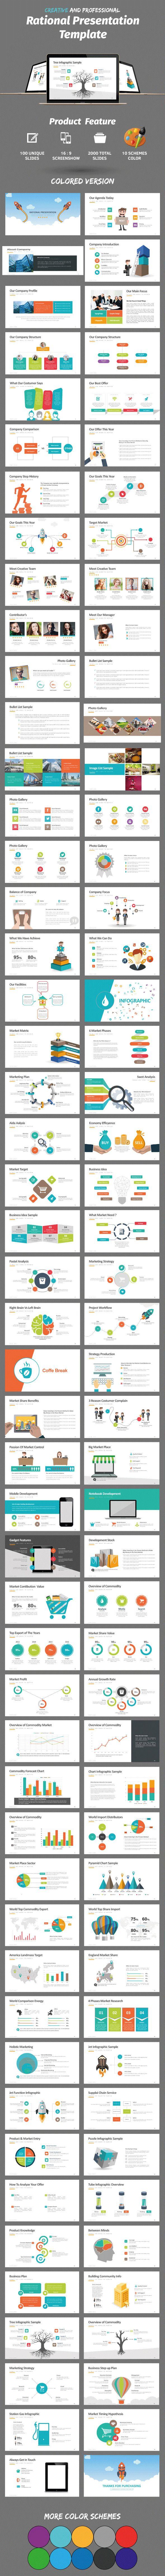 Rational Presentation Template #design #slides Download: http://graphicriver.net/item/rational-presentation-template/12835722?ref=ksioks